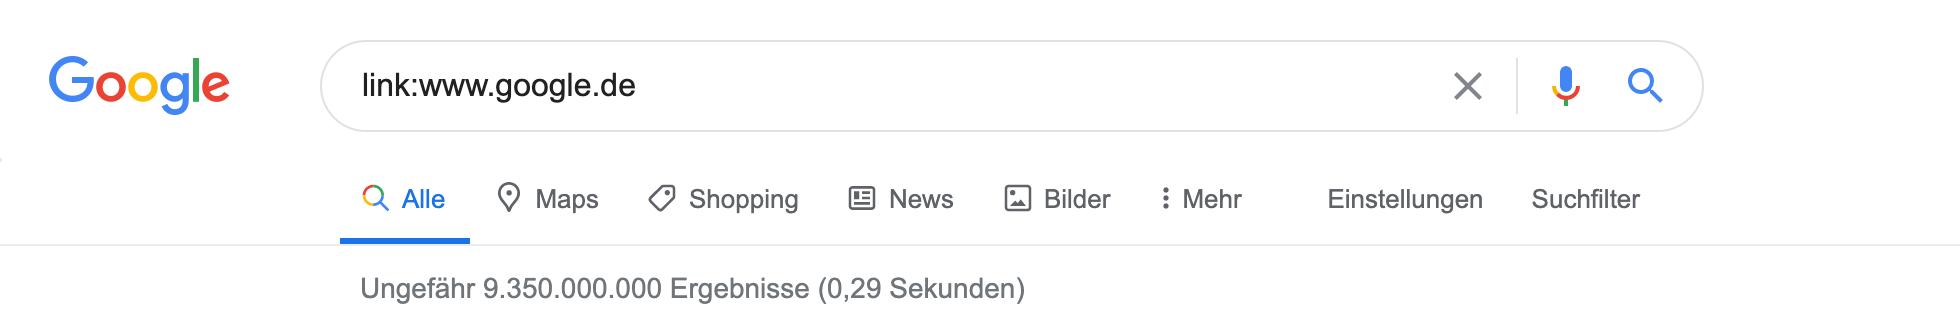 Zeigt die link:-Abfrage in den Google Suchergebnissen an.